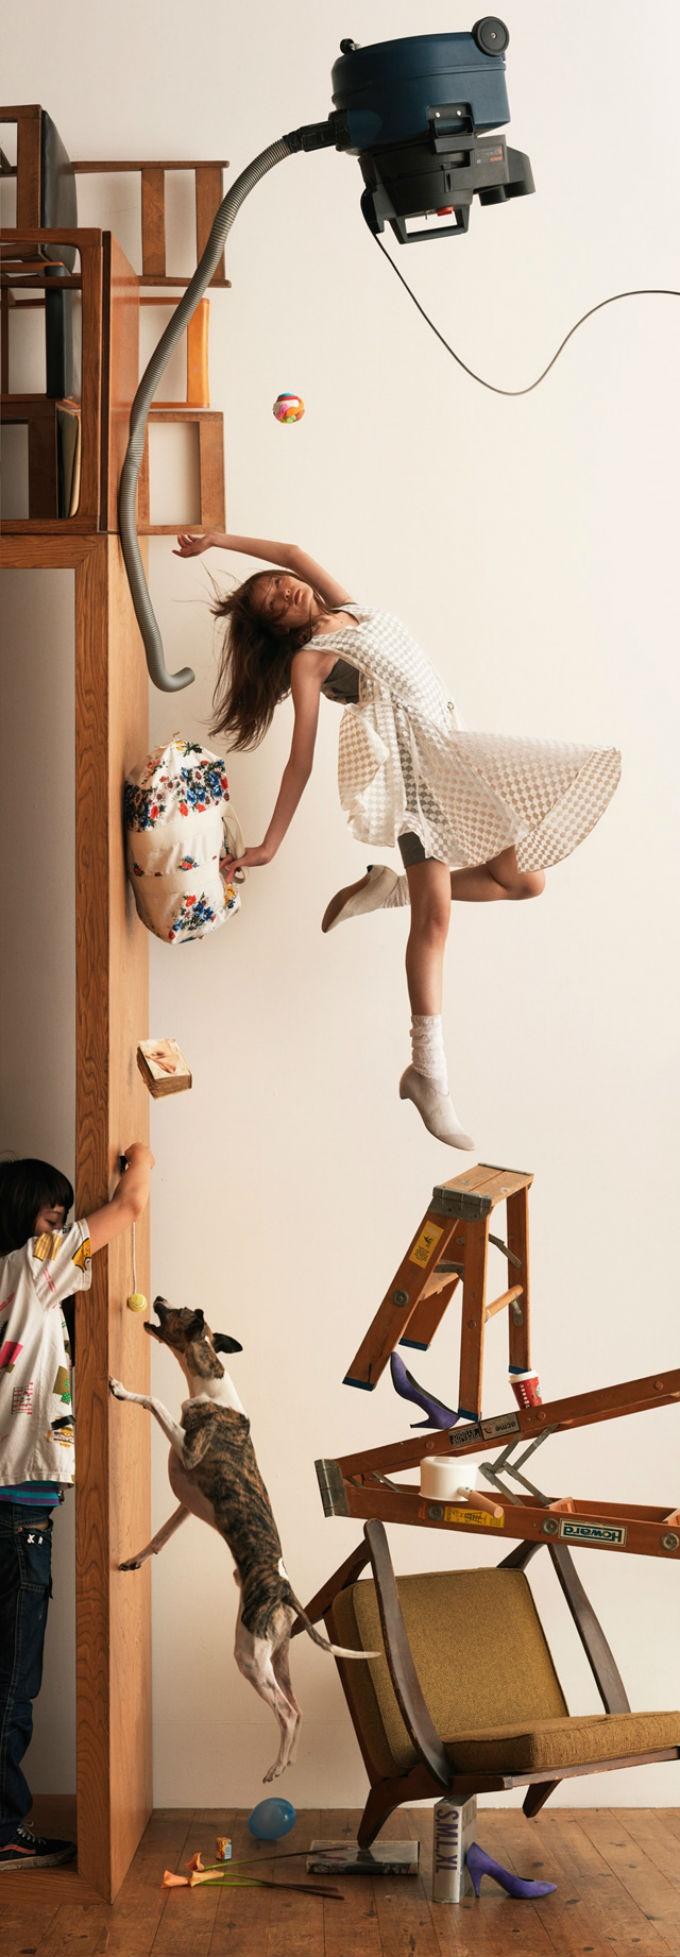 #Fotodeldia : Sin título por NAM http://doze-mag.com/index.php/noticias/foto/foto-del-dia/1454-nam2 @Kacey Randolph Mag #crazy #friday